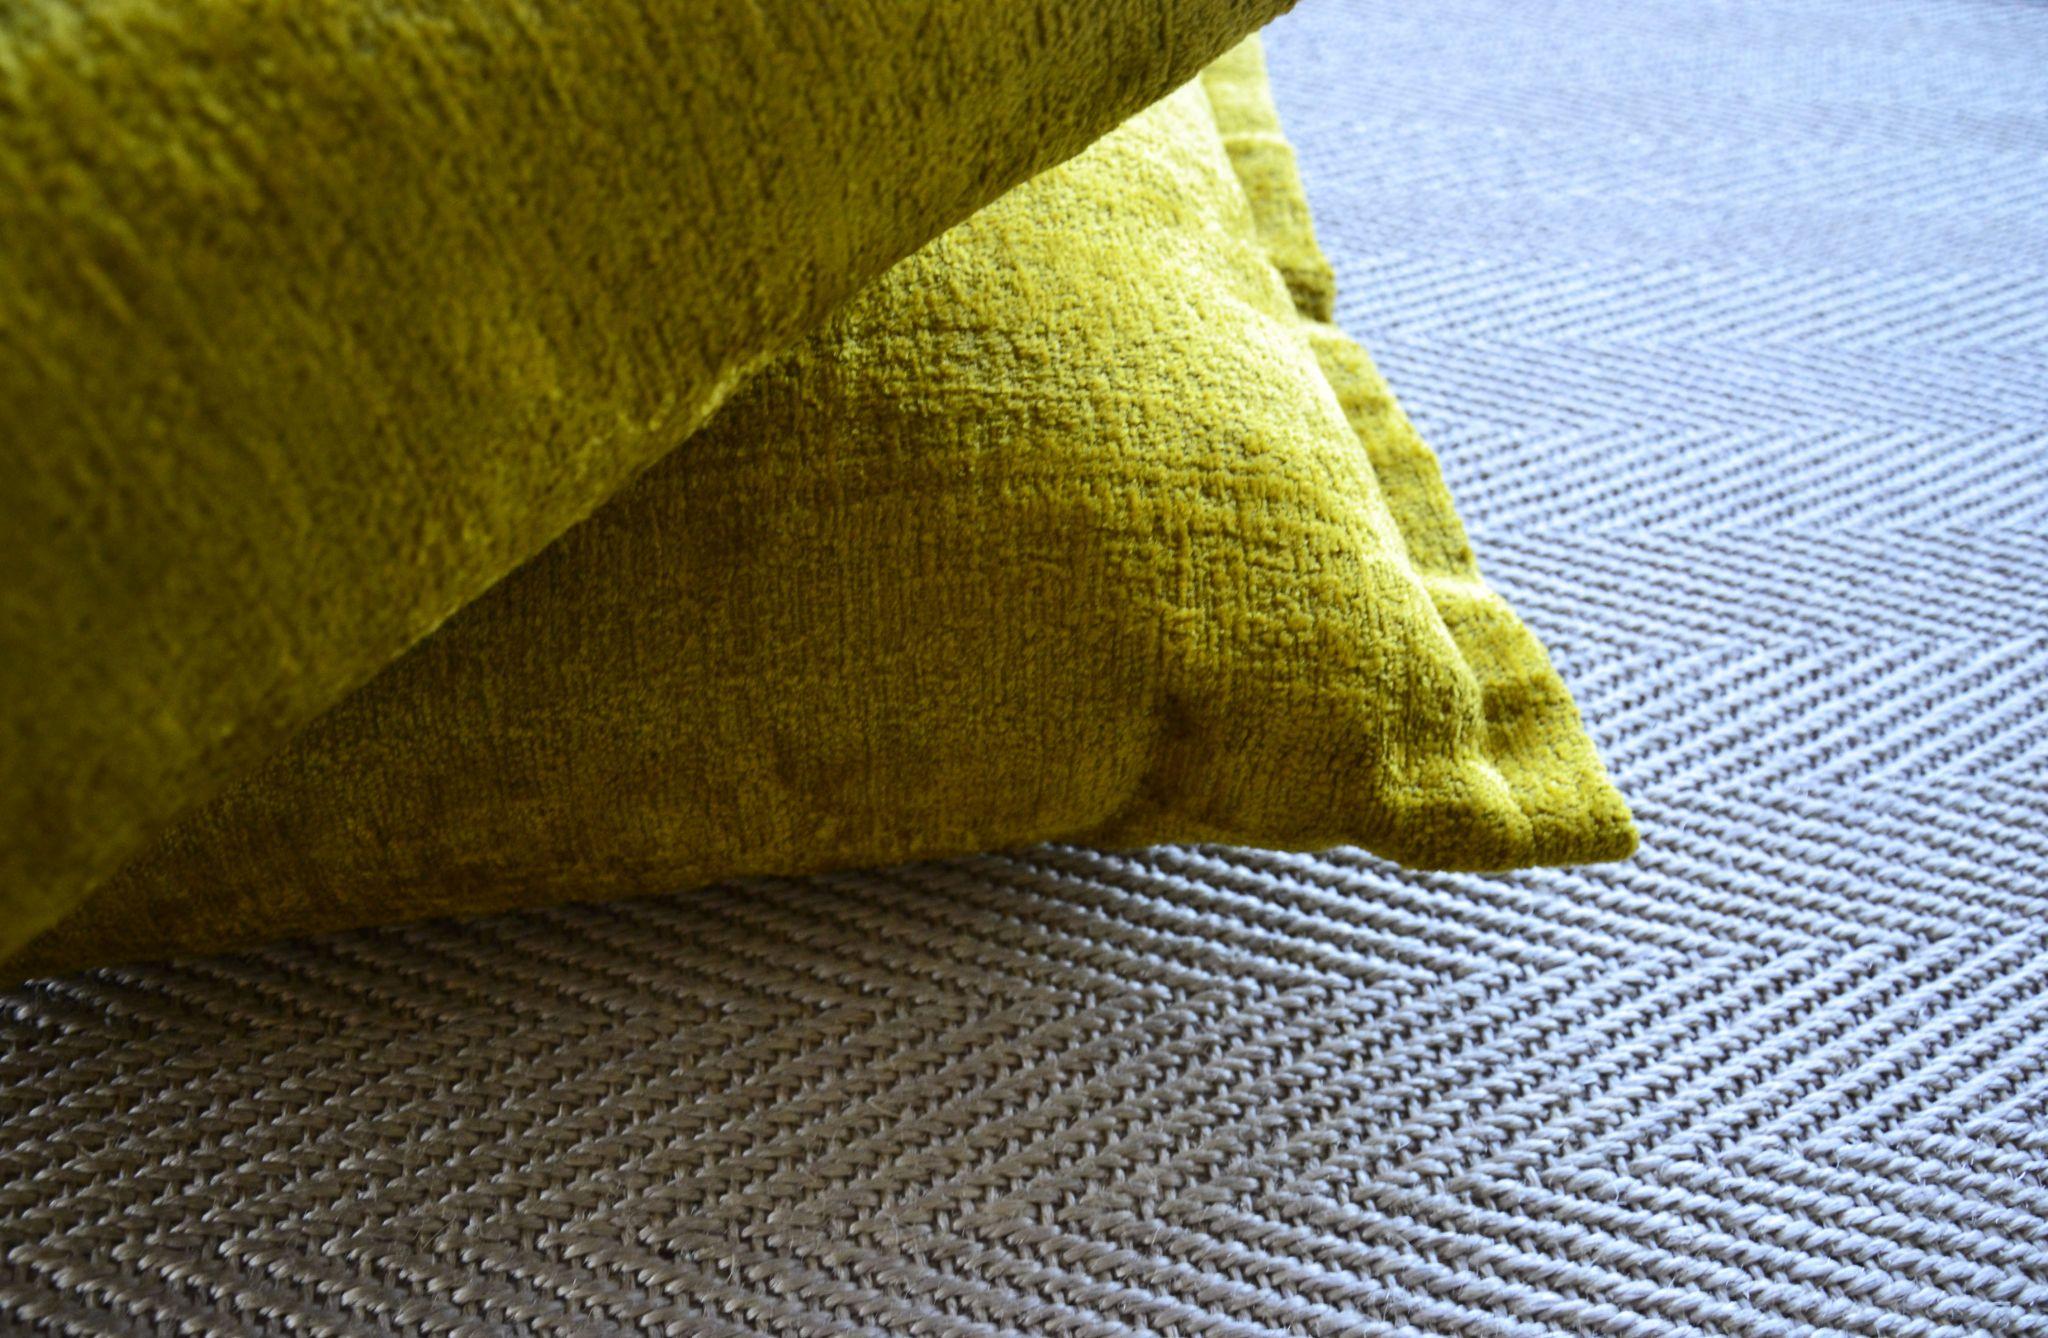 Cuscino Ampara - Designers Guild